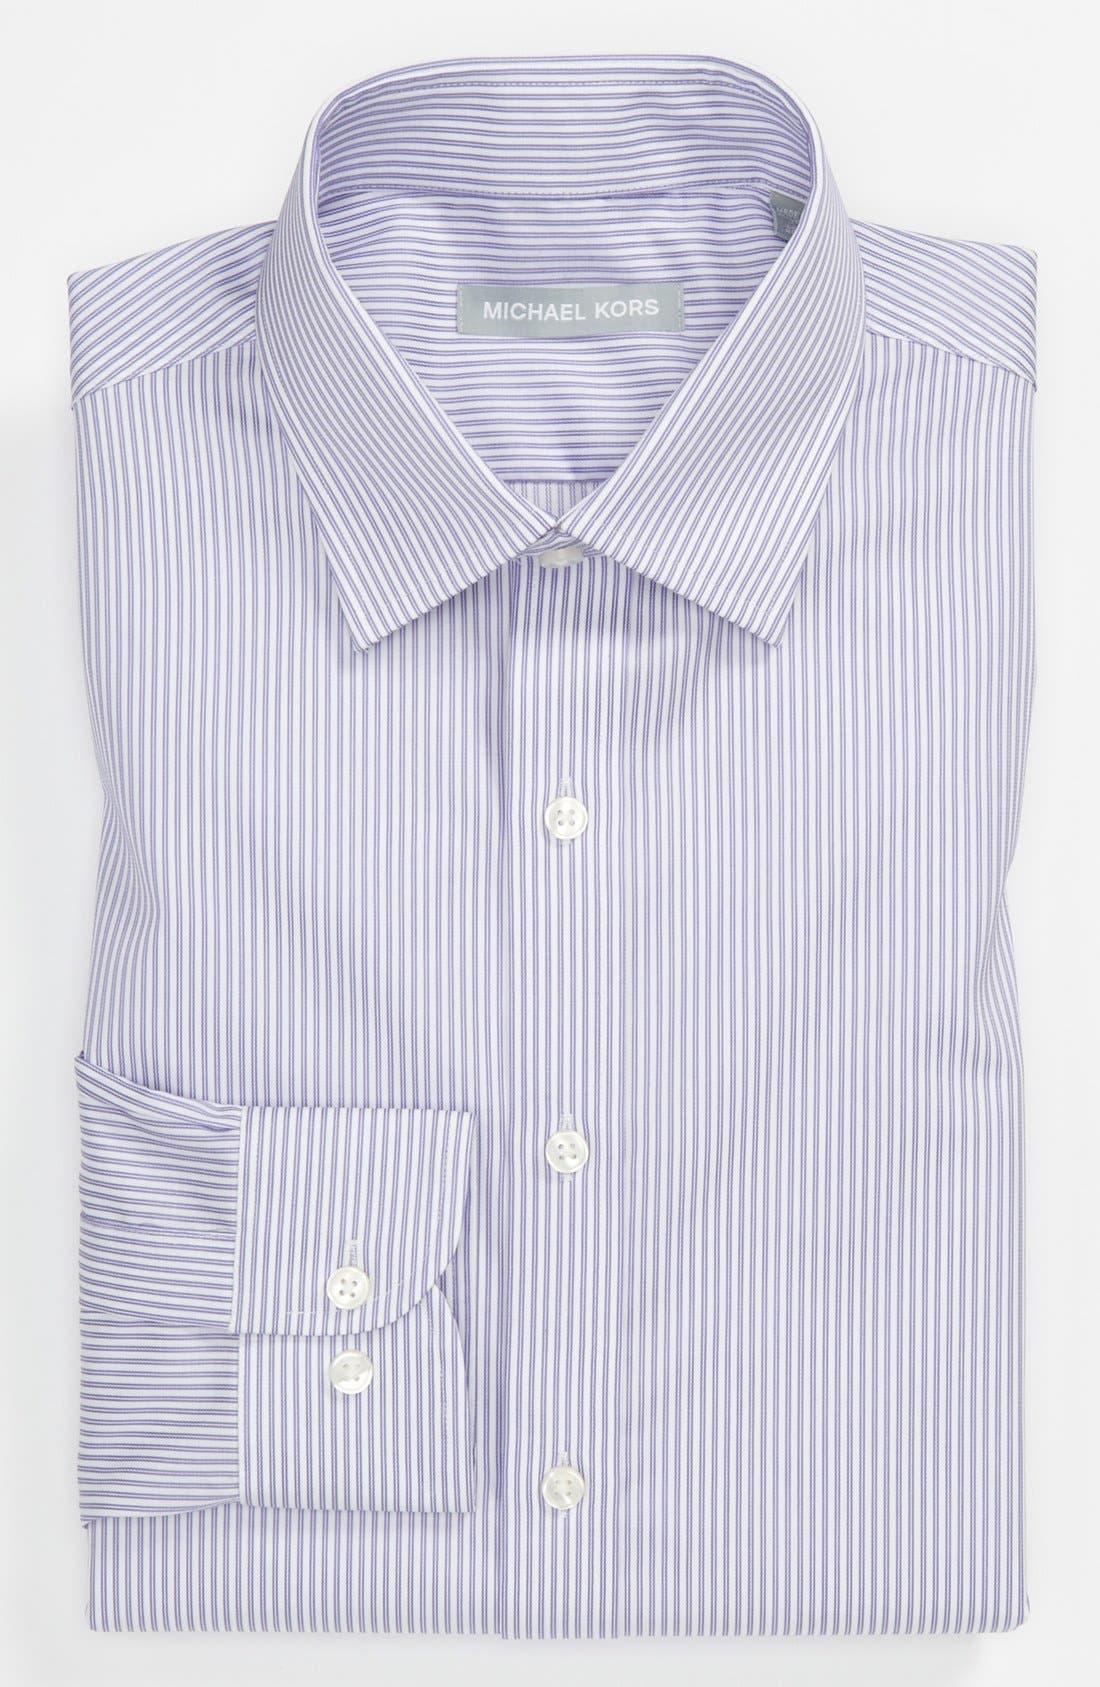 Main Image - Michael Kors Regular Fit Non-Iron Dress Shirt